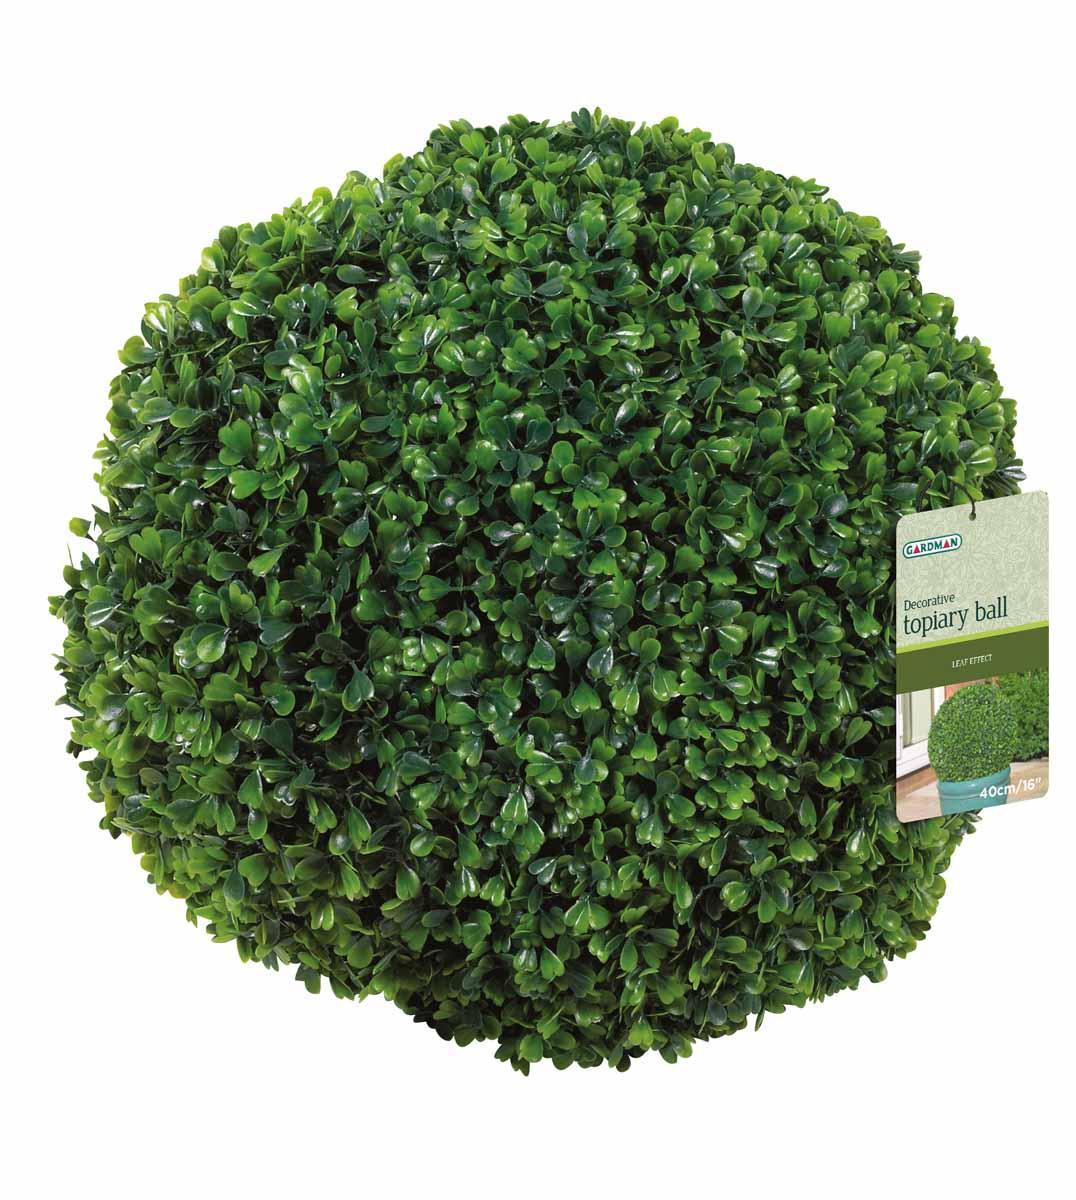 Искусственное растение Gardman Topiary Ball. Самшит, цвет: зеленый, диаметр 40 см6.295-875.0Искусственное растение Gardman Topiary Ball выполнено из пластика в виде шара. Листья растения зеленого цвета имитируют самшит. К растению прикреплены три цепочки с крючком, за который его можно повесить в любое место. Также растение можно поместить в горшок. Растение устойчиво к воздействиям внешней среды, таким как влажность, солнце, перепады температуры, не выцветает со временем. Искусственное растение Gardman Topiary Ball великолепно украсит интерьер офиса, дома или сада.Характеристики:Материал: пластик, металл. Цвет: зеленый. Диаметр шара: 40 см. Длина цепочек с крючком: 30 см.